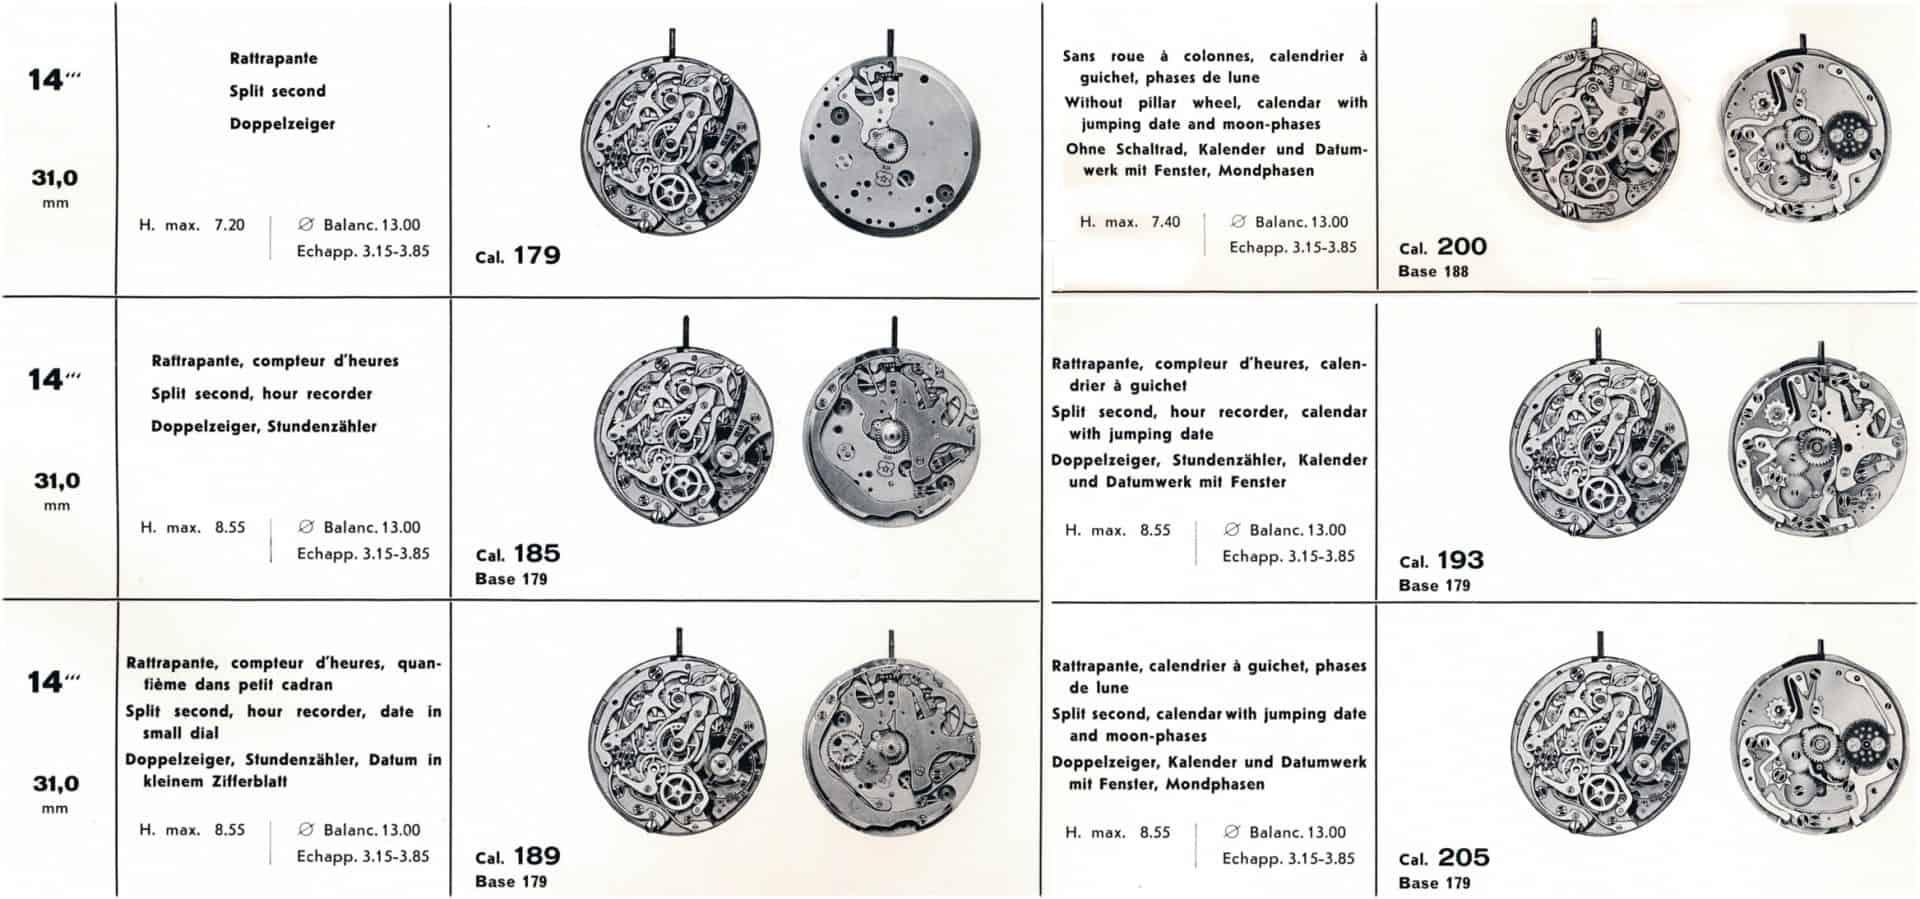 Unterschiedliche Venus Rattrapante Kaliber Referenzen 179 185 189 190 193 205